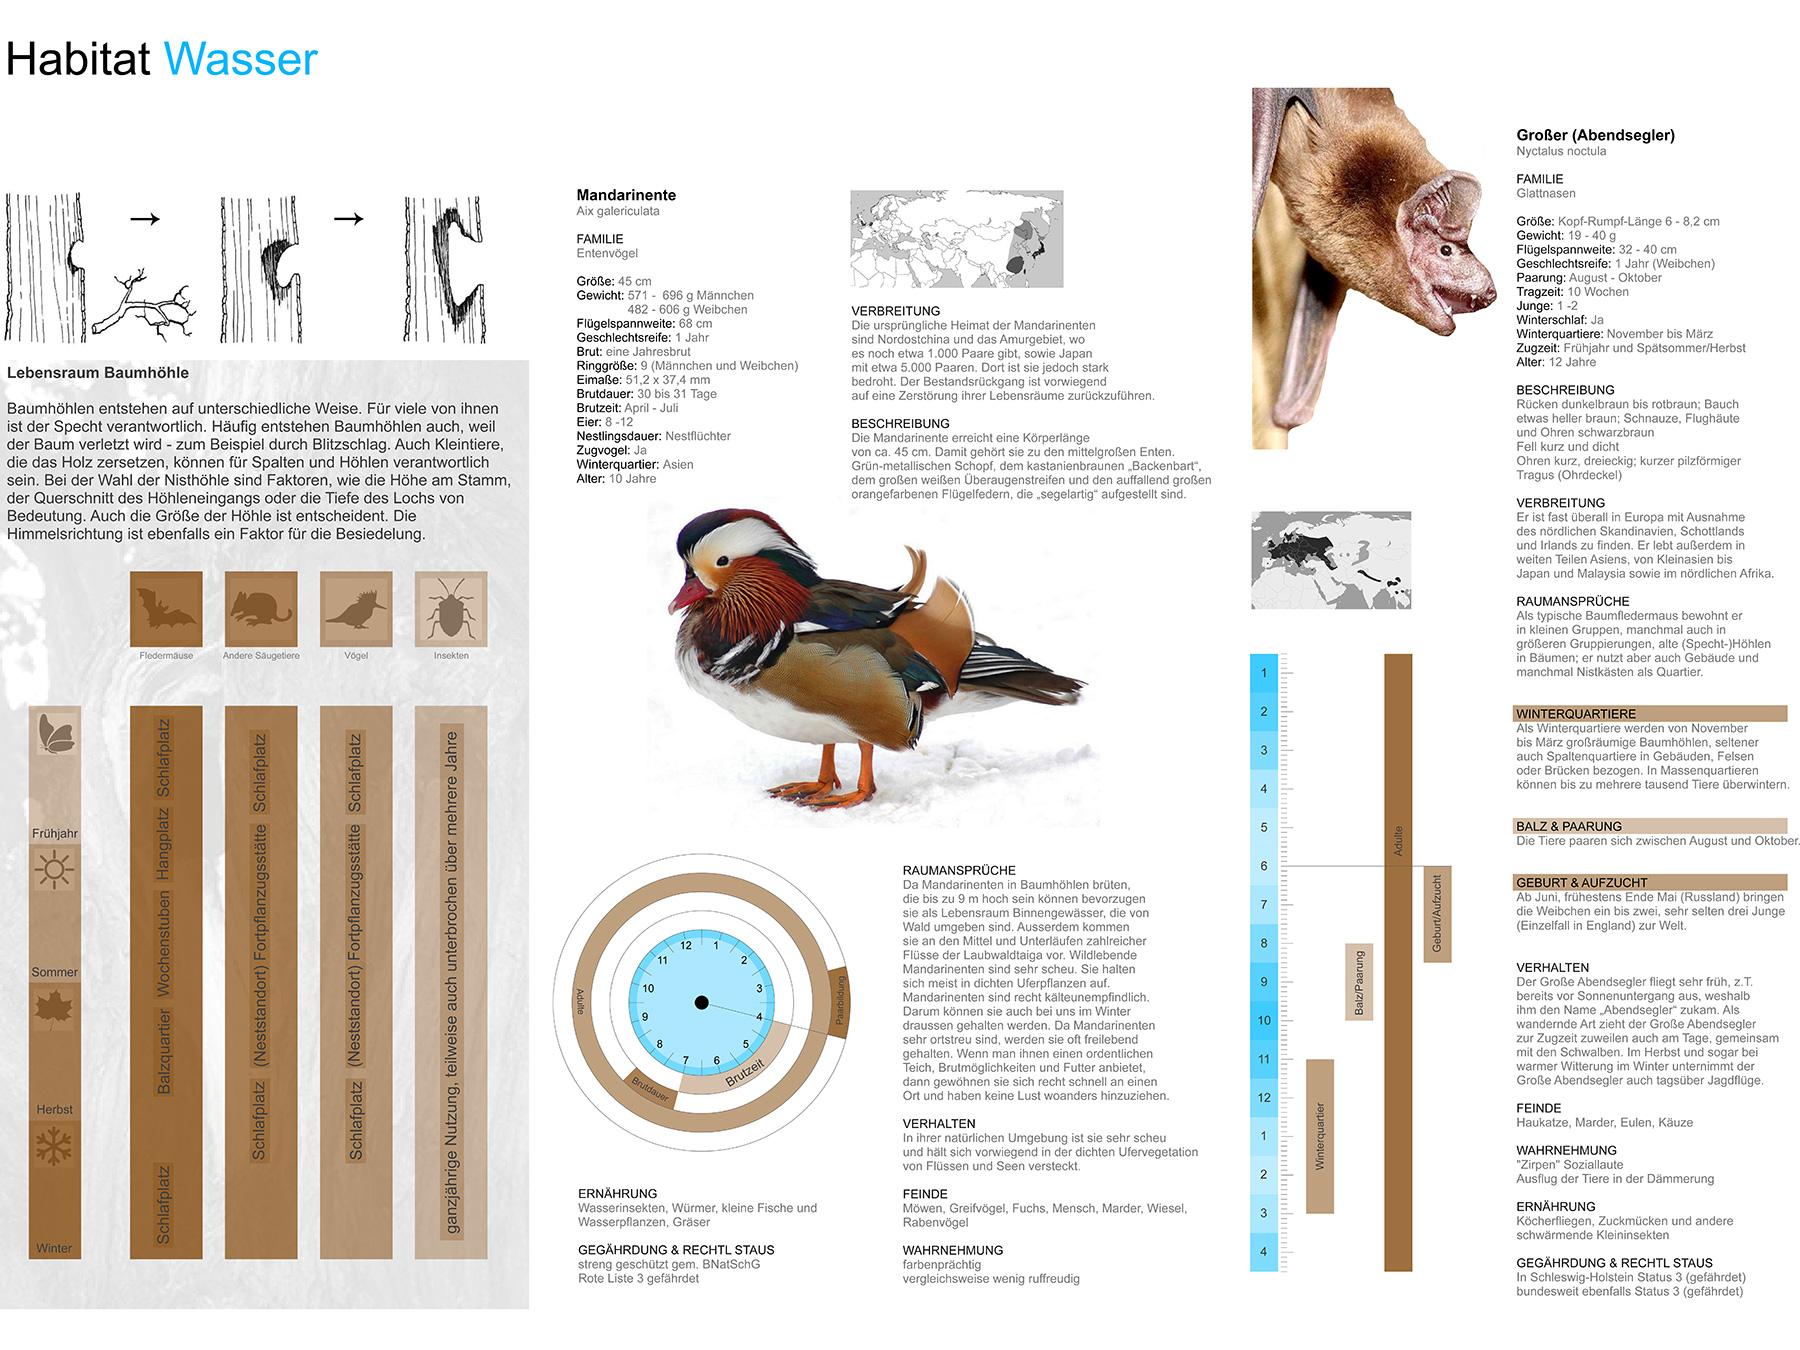 Analysen Habitat Wasser I Mandarinente Aix galericulata I Großer Abendsegler Nyctalus noctula I Zeichnung Michael Tanz